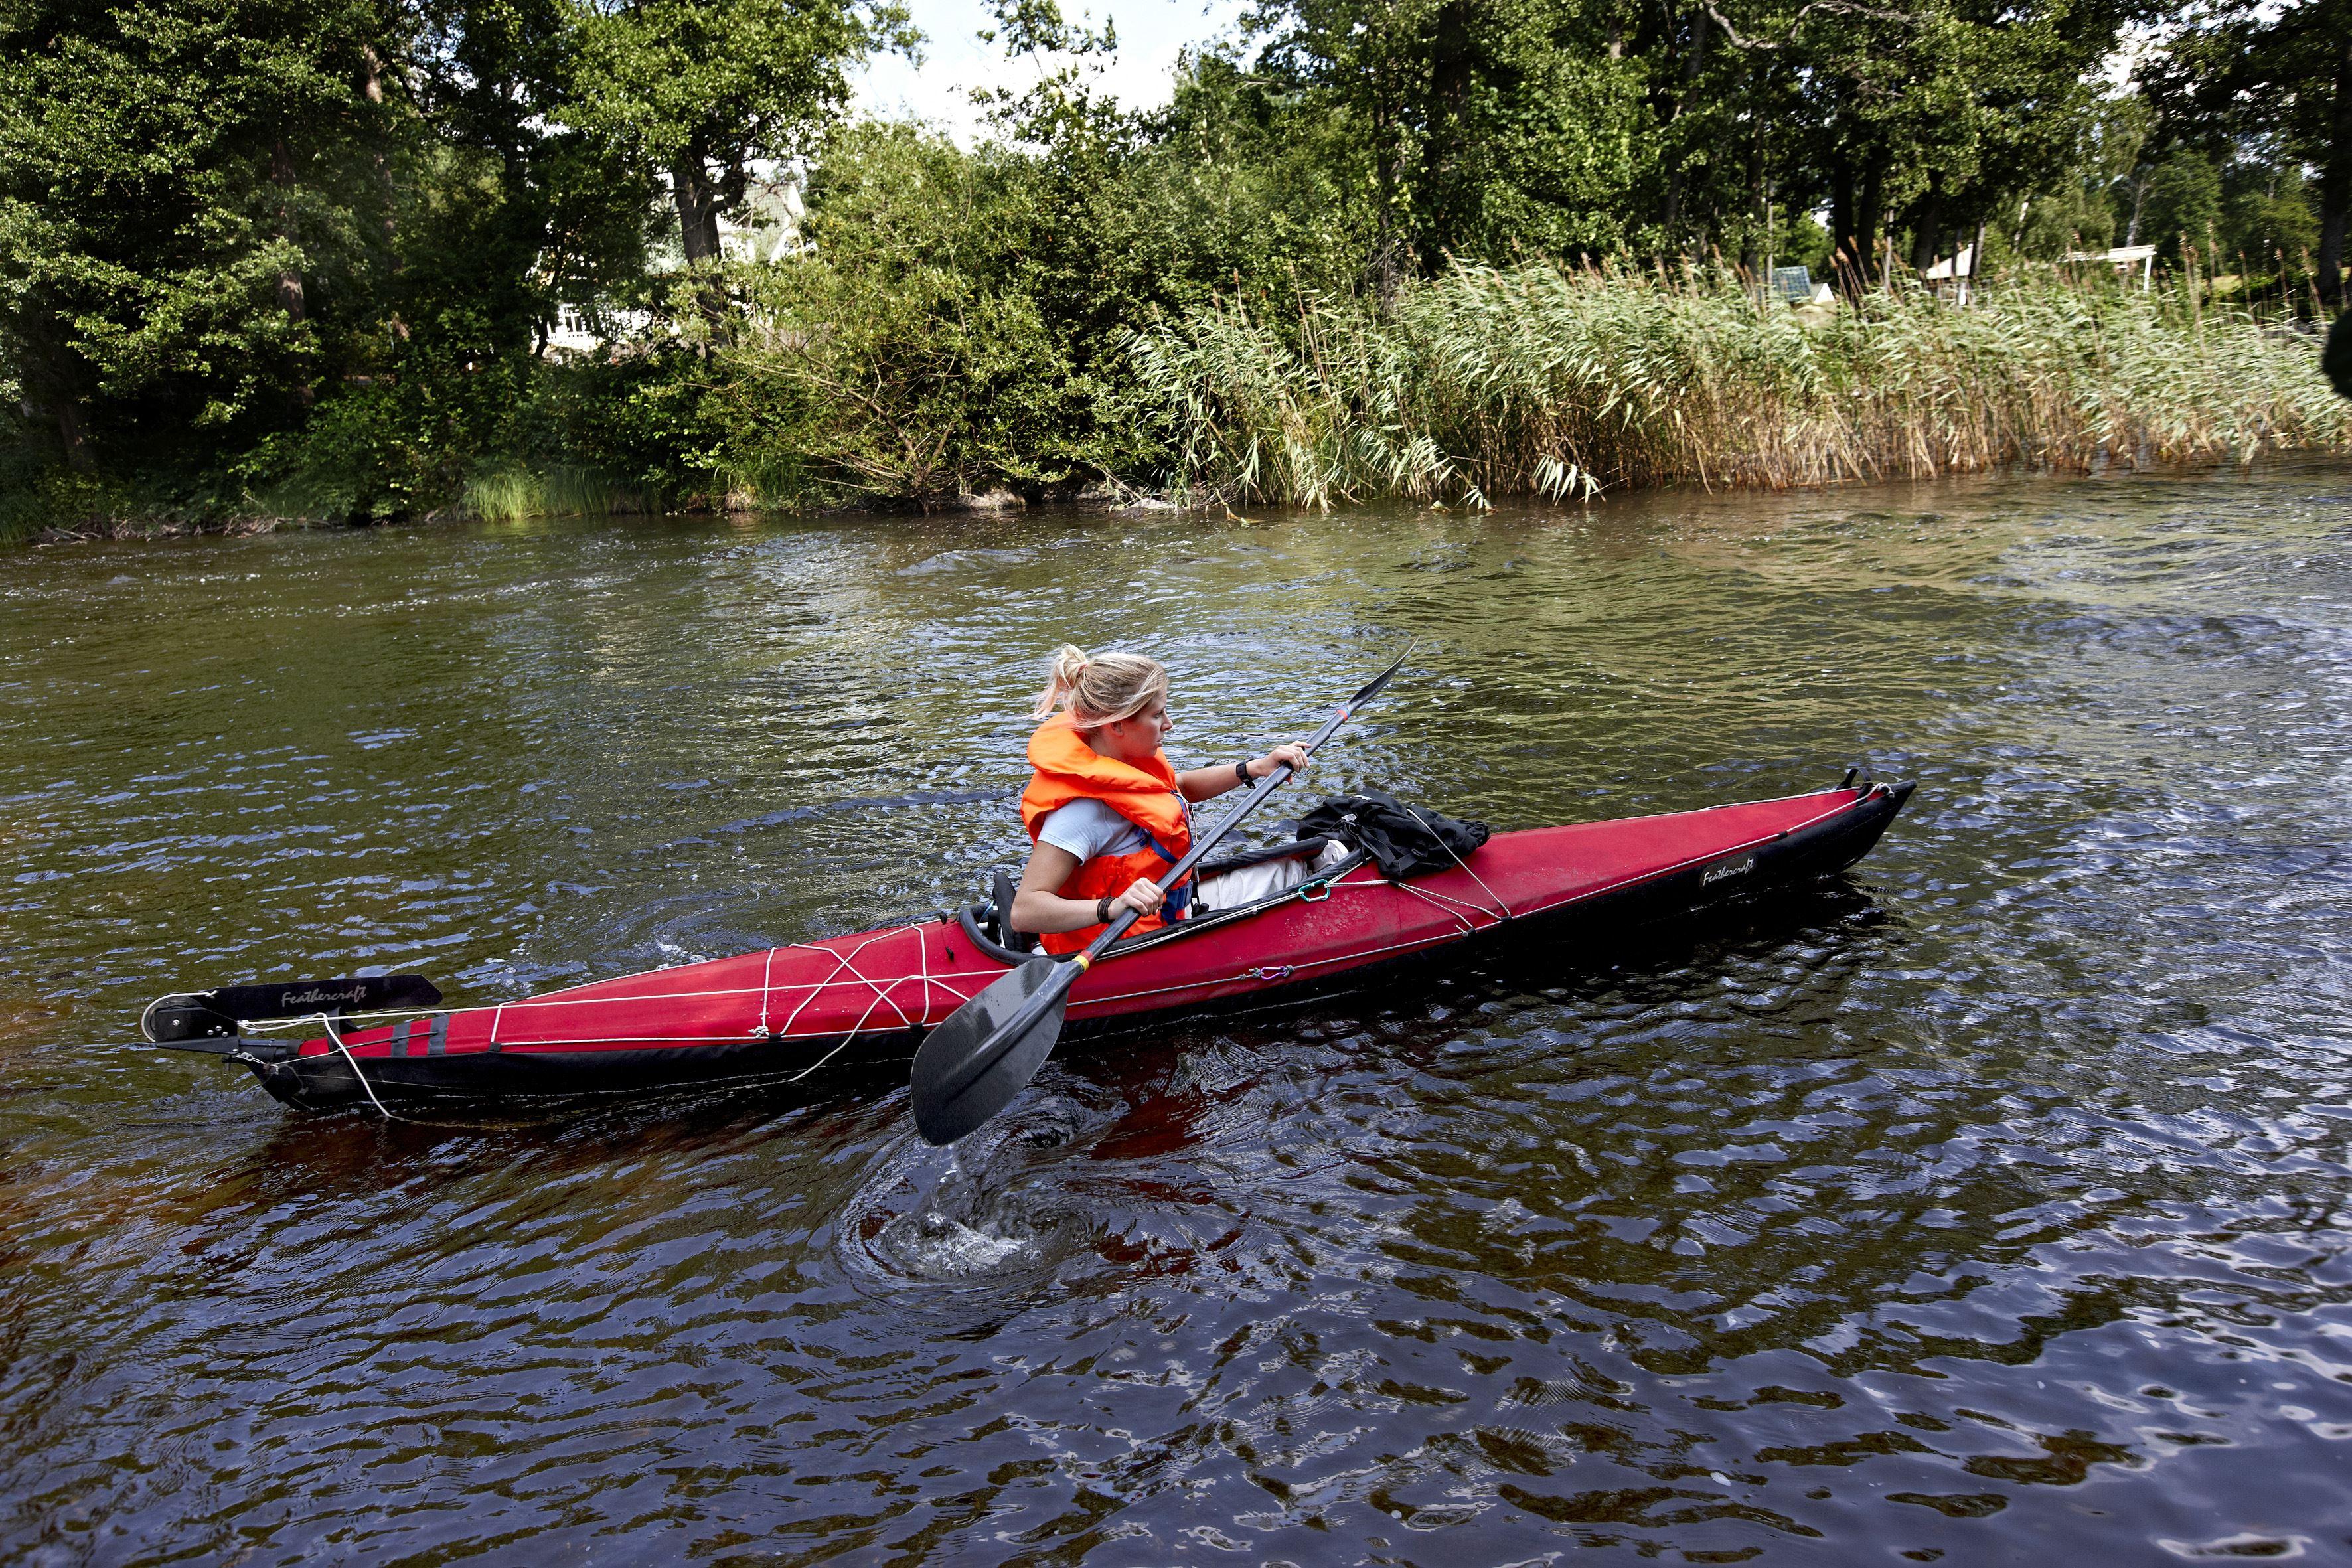 Prova på paddling (kajak)